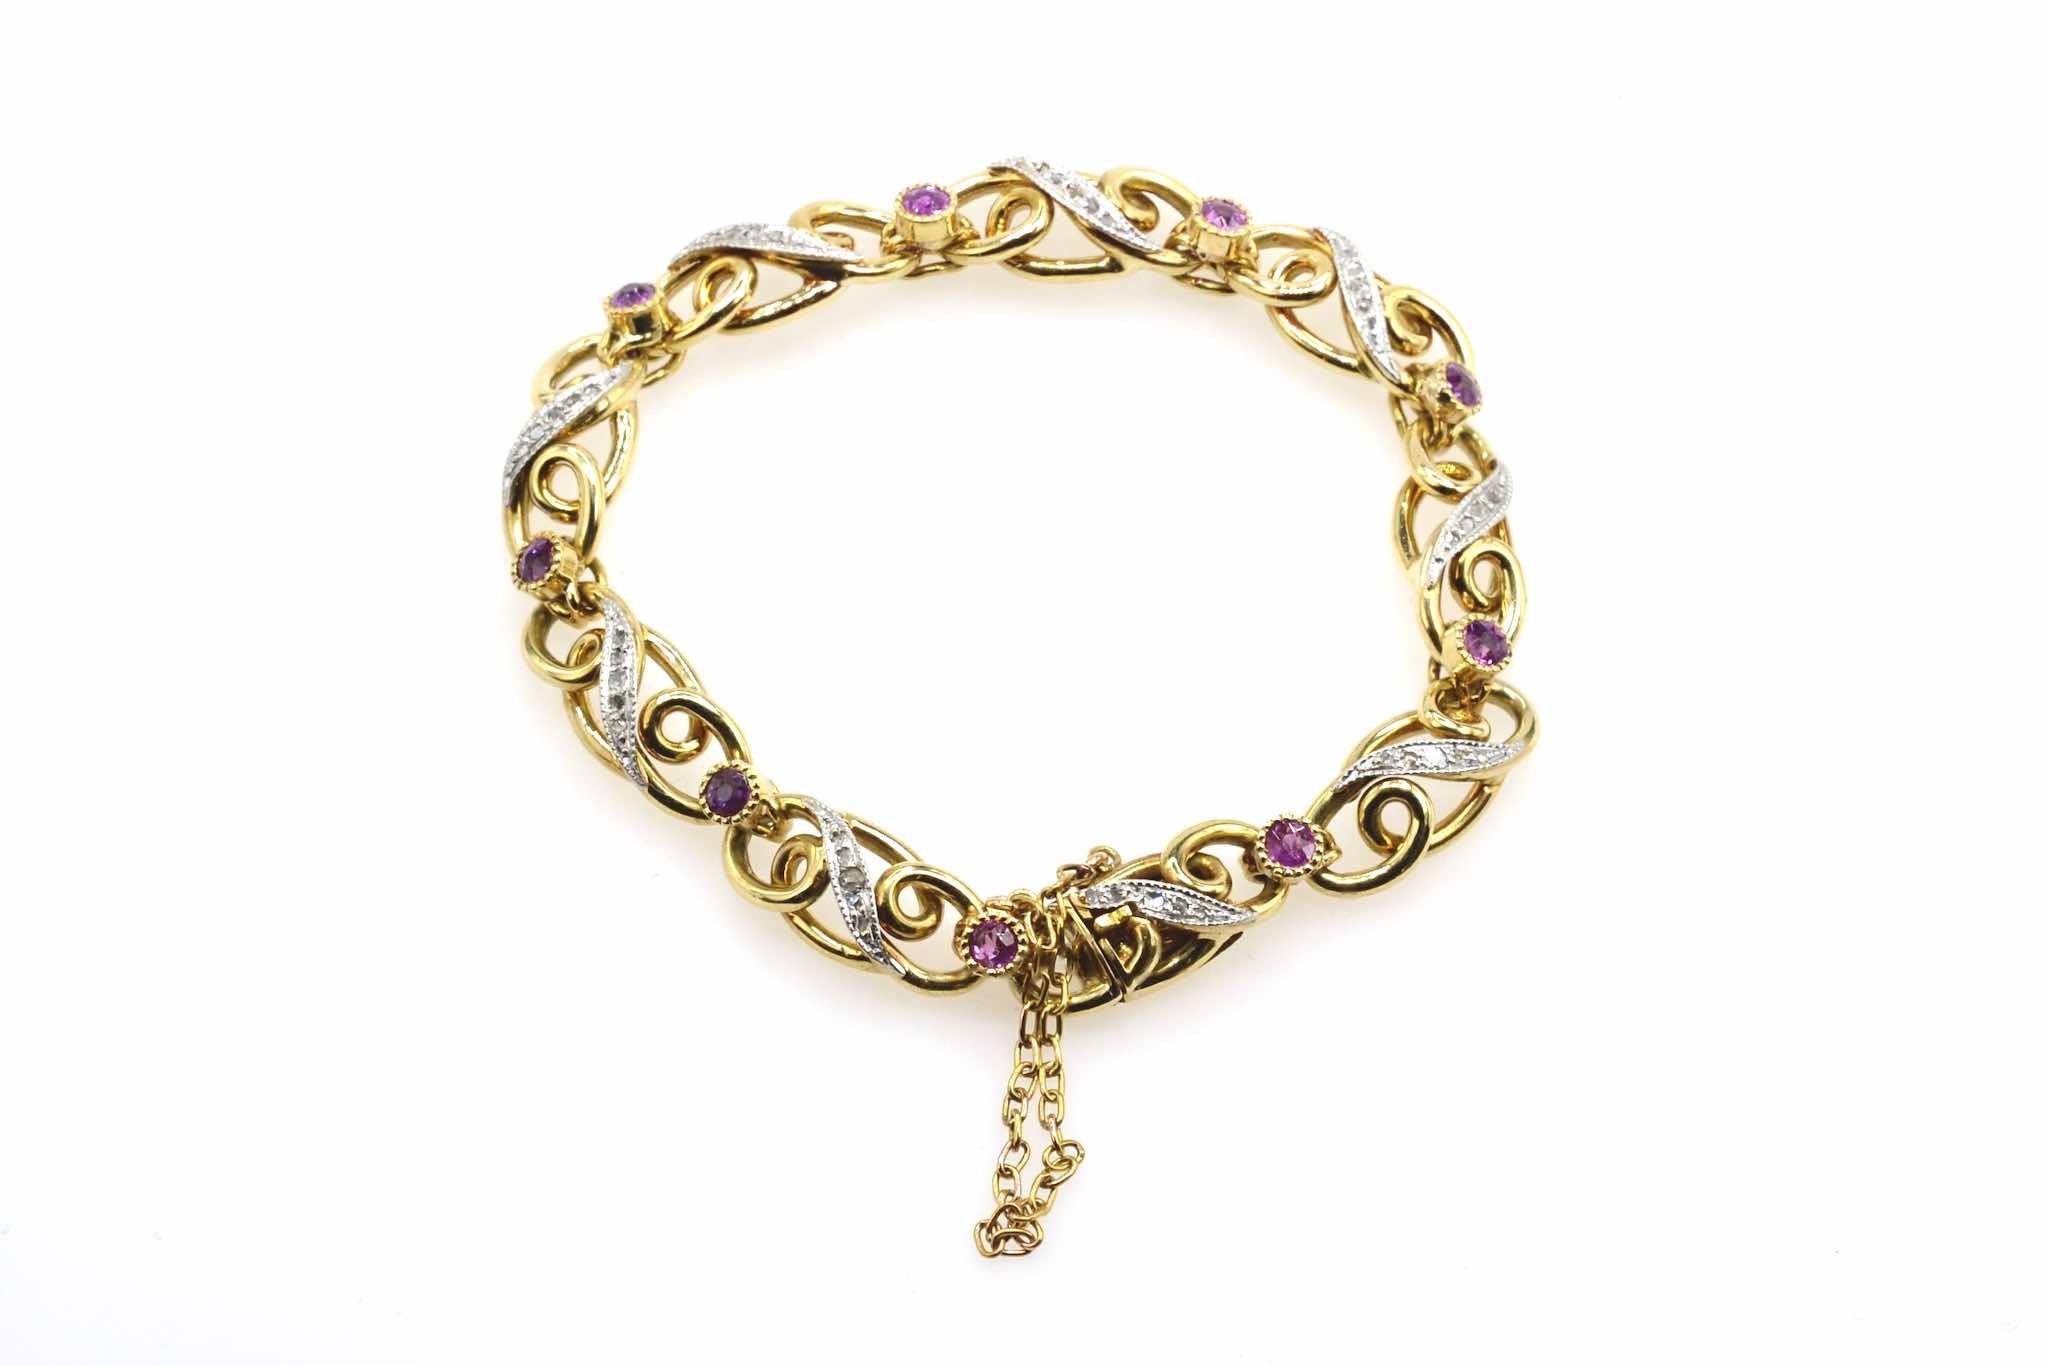 bracelet vintage d'occasion